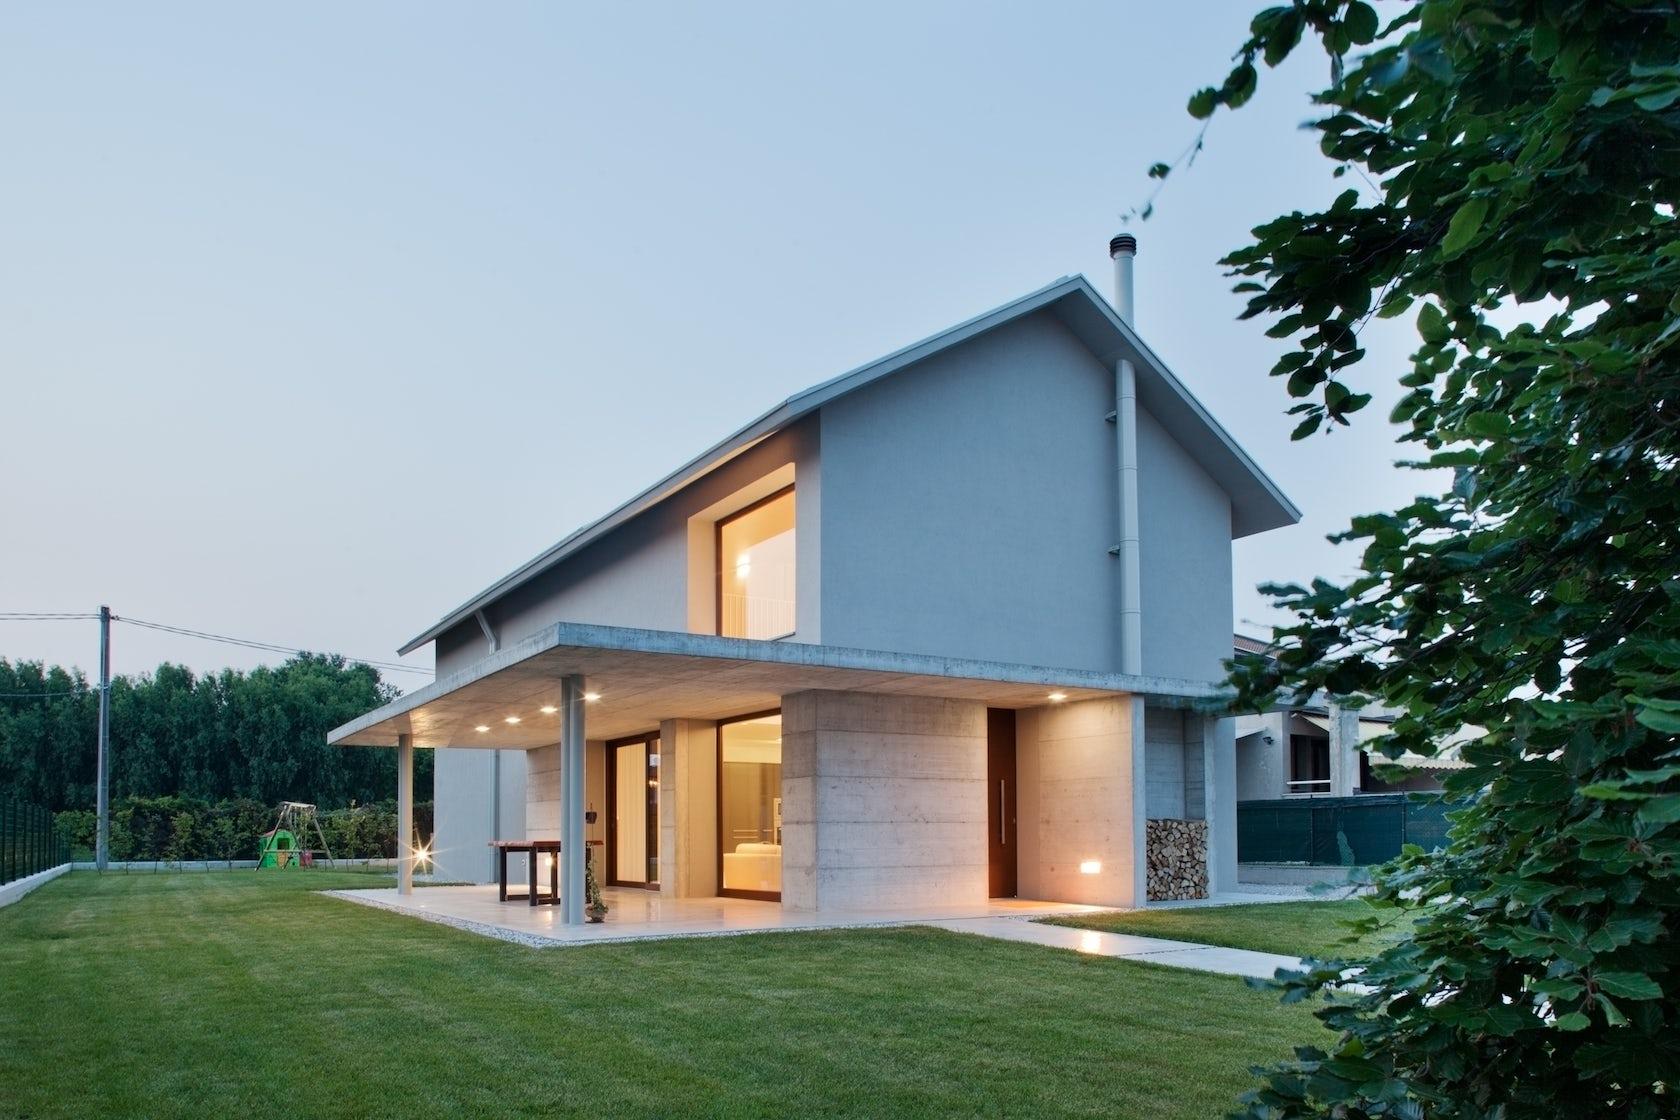 Mide architetti architizer - Foto di case moderne ...